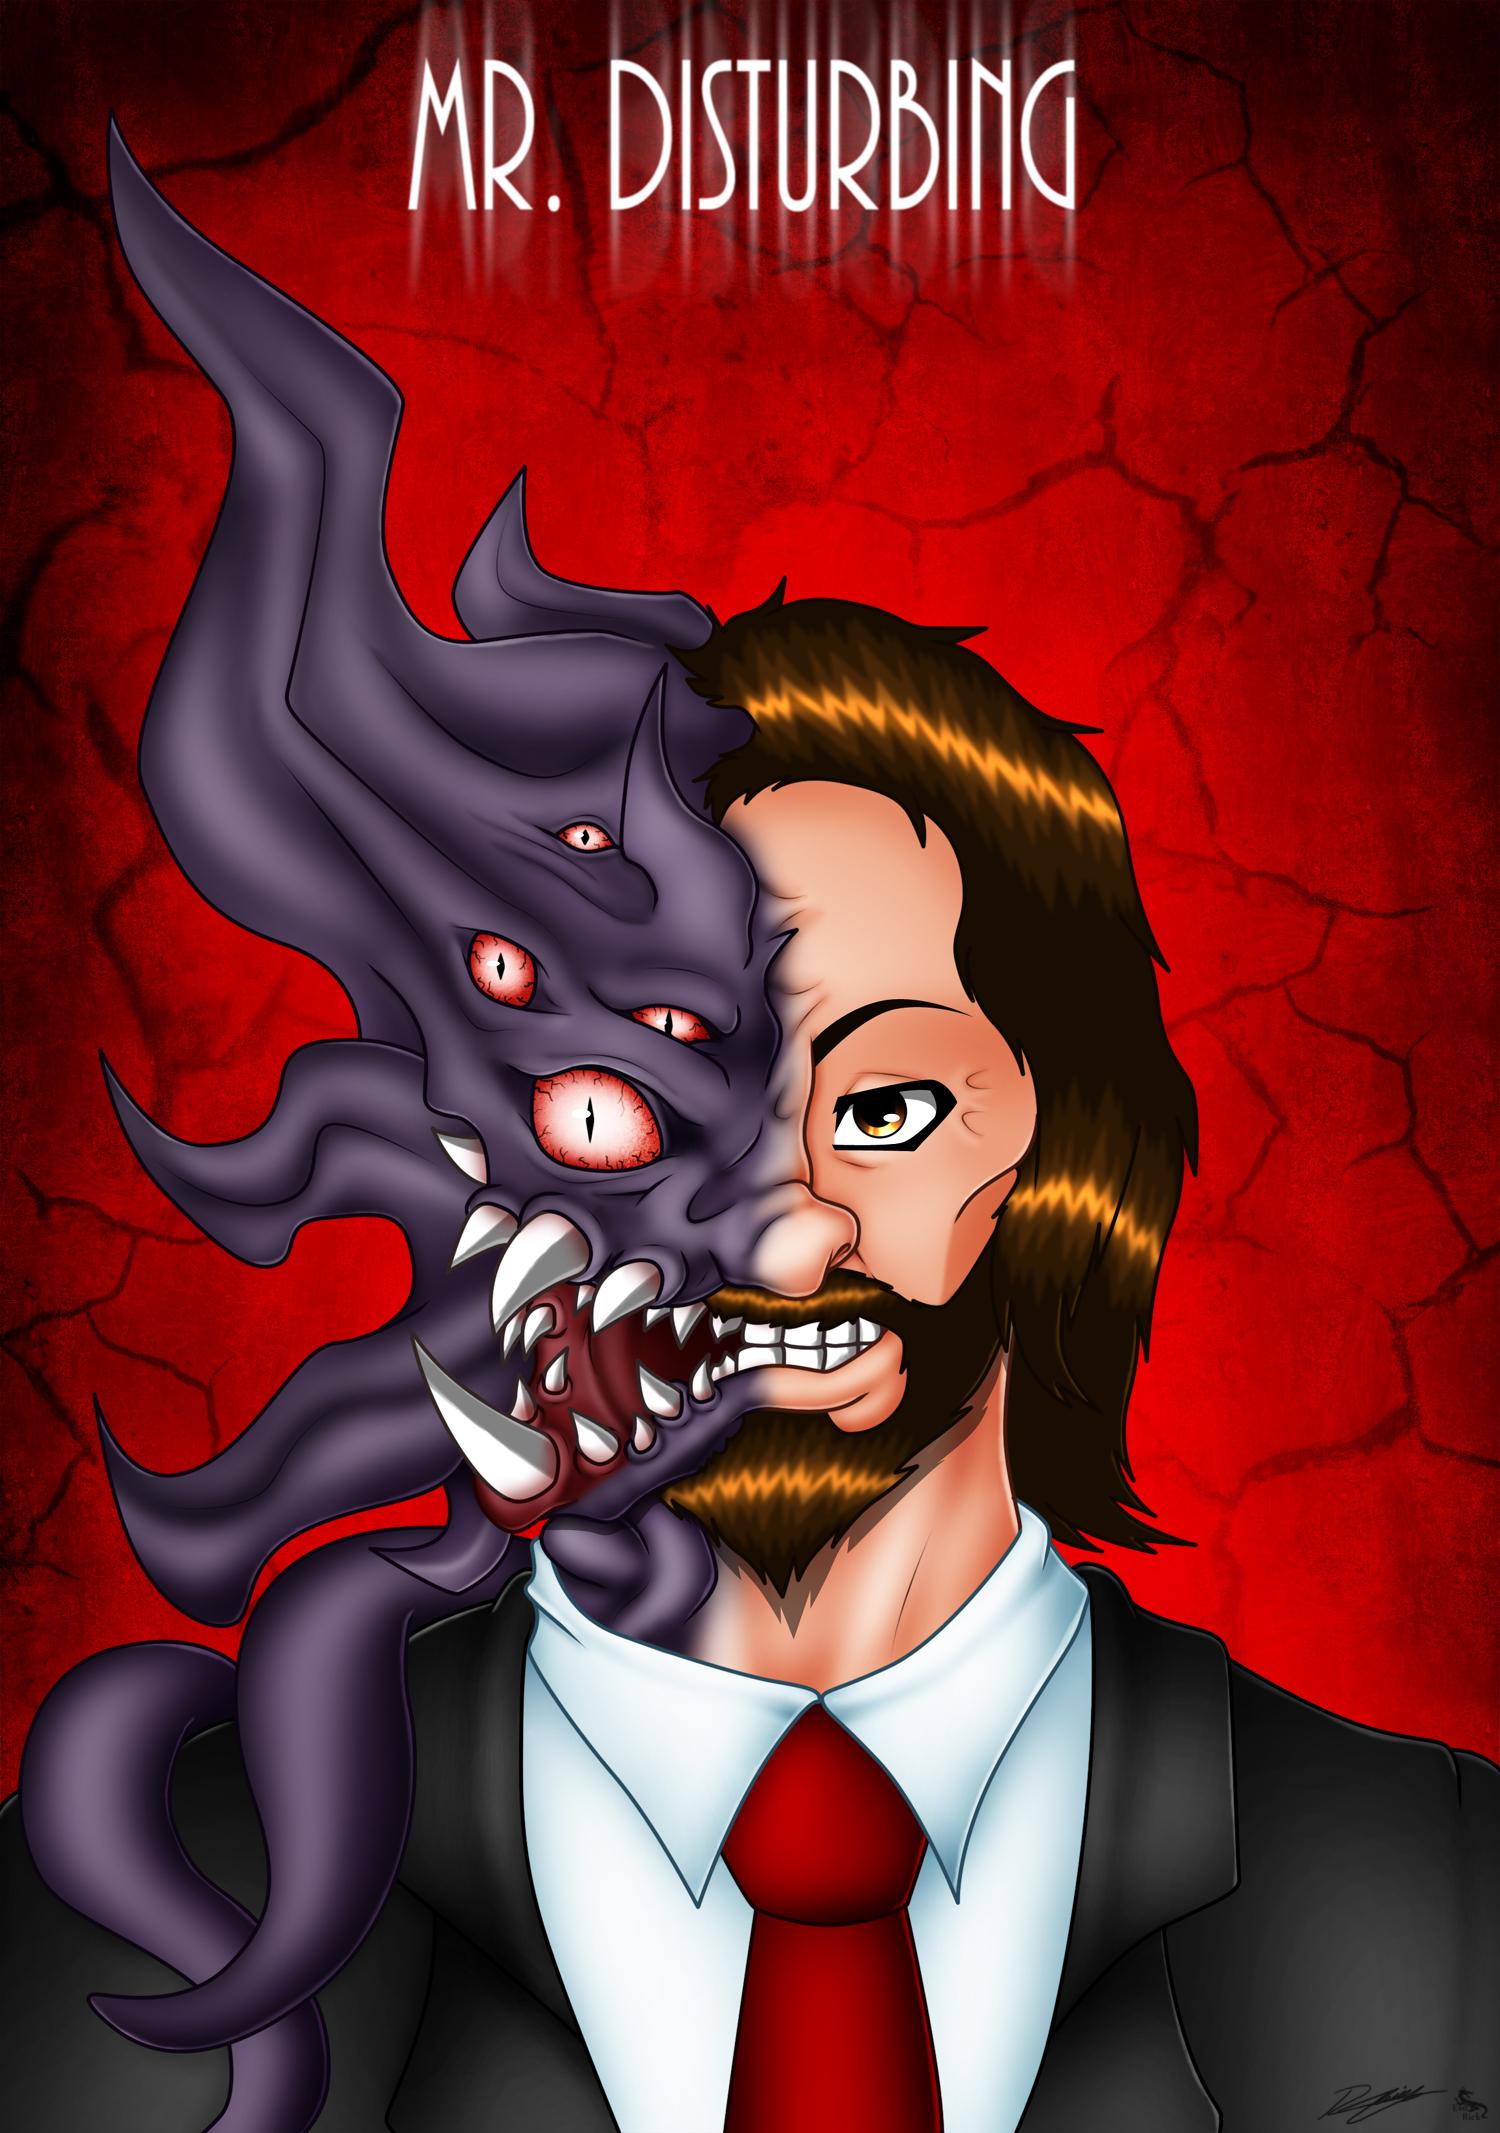 Mr. Disturbing